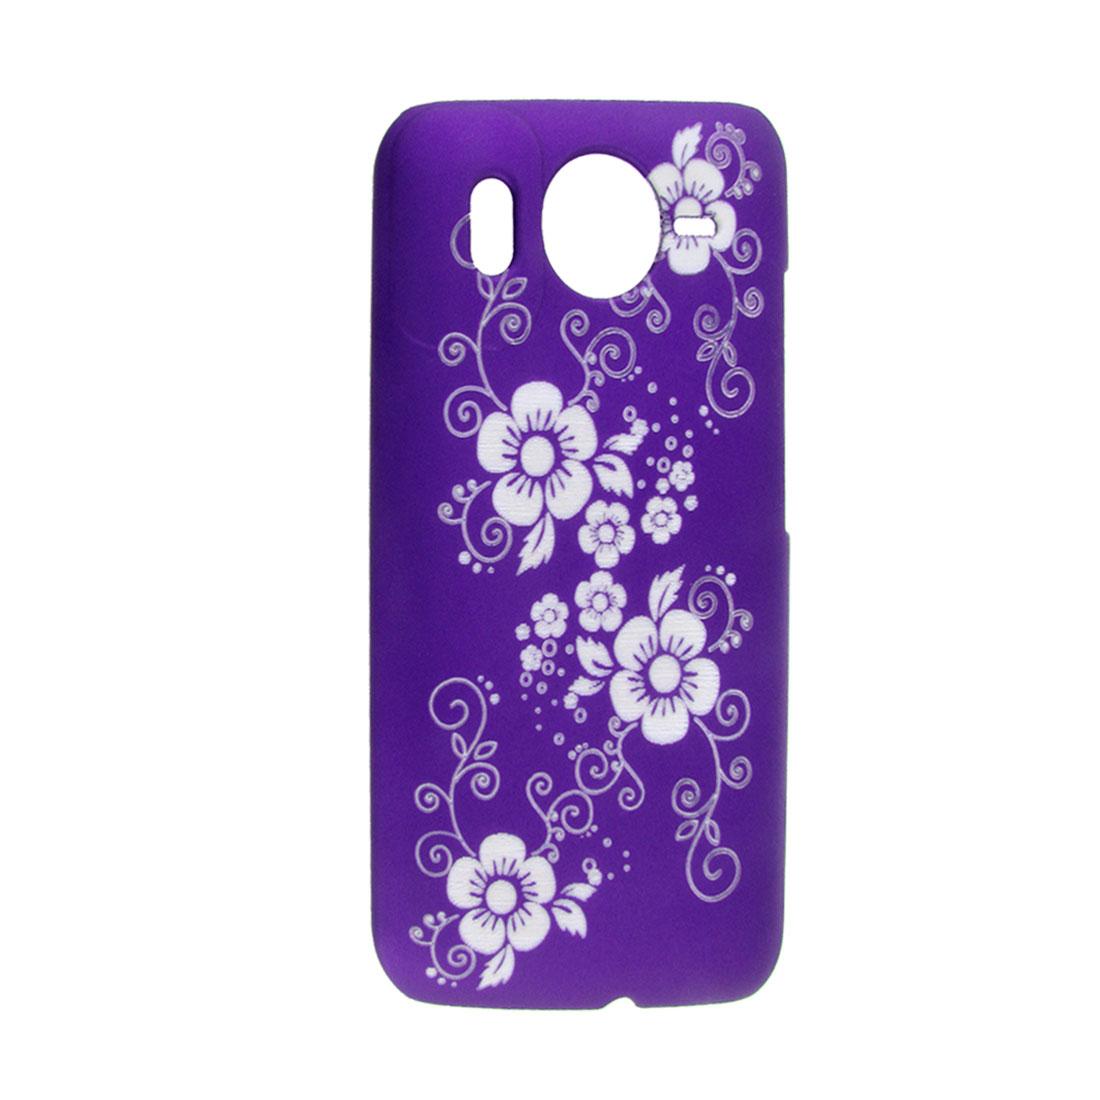 Purple Rubberized Plastic Laser-cut Five Petal Floral Back Cover Case for HTC Desire HD